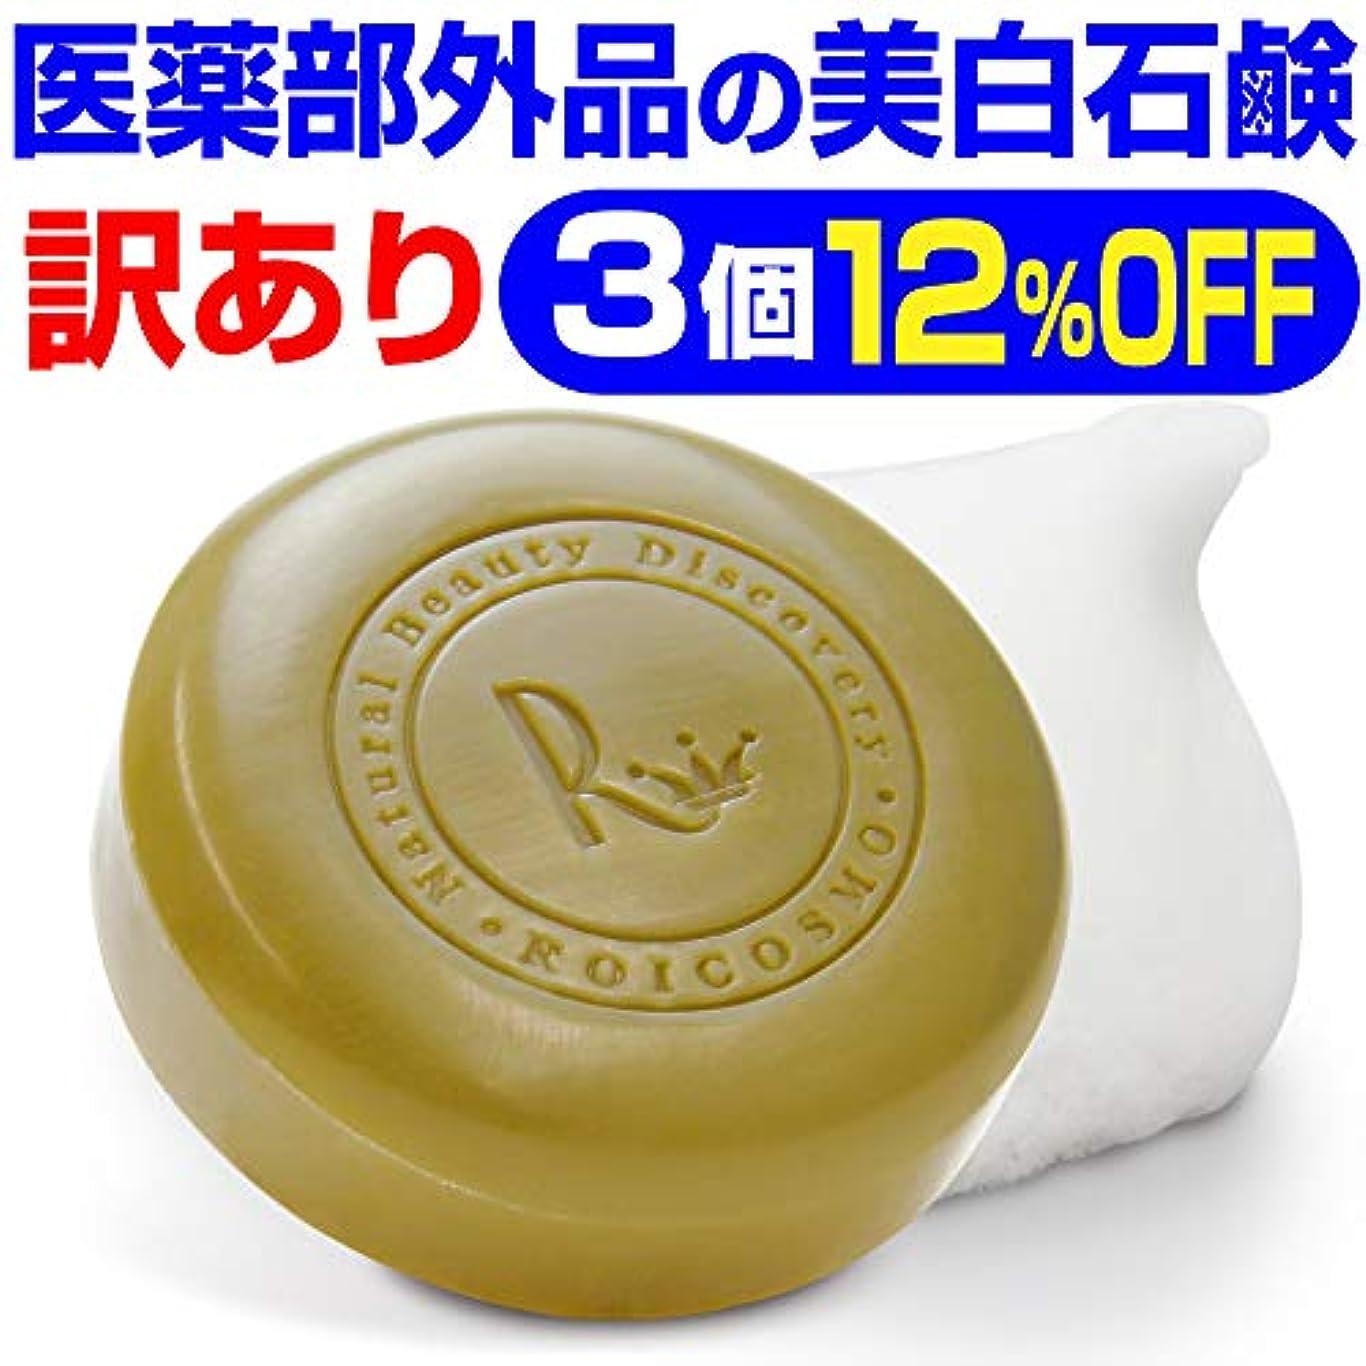 とは異なりアイロニーおもちゃ訳あり12%OFF(1個2,090円)売切れ御免 ビタミンC270倍の美白成分の 洗顔石鹸『ホワイトソープ100g×3個』